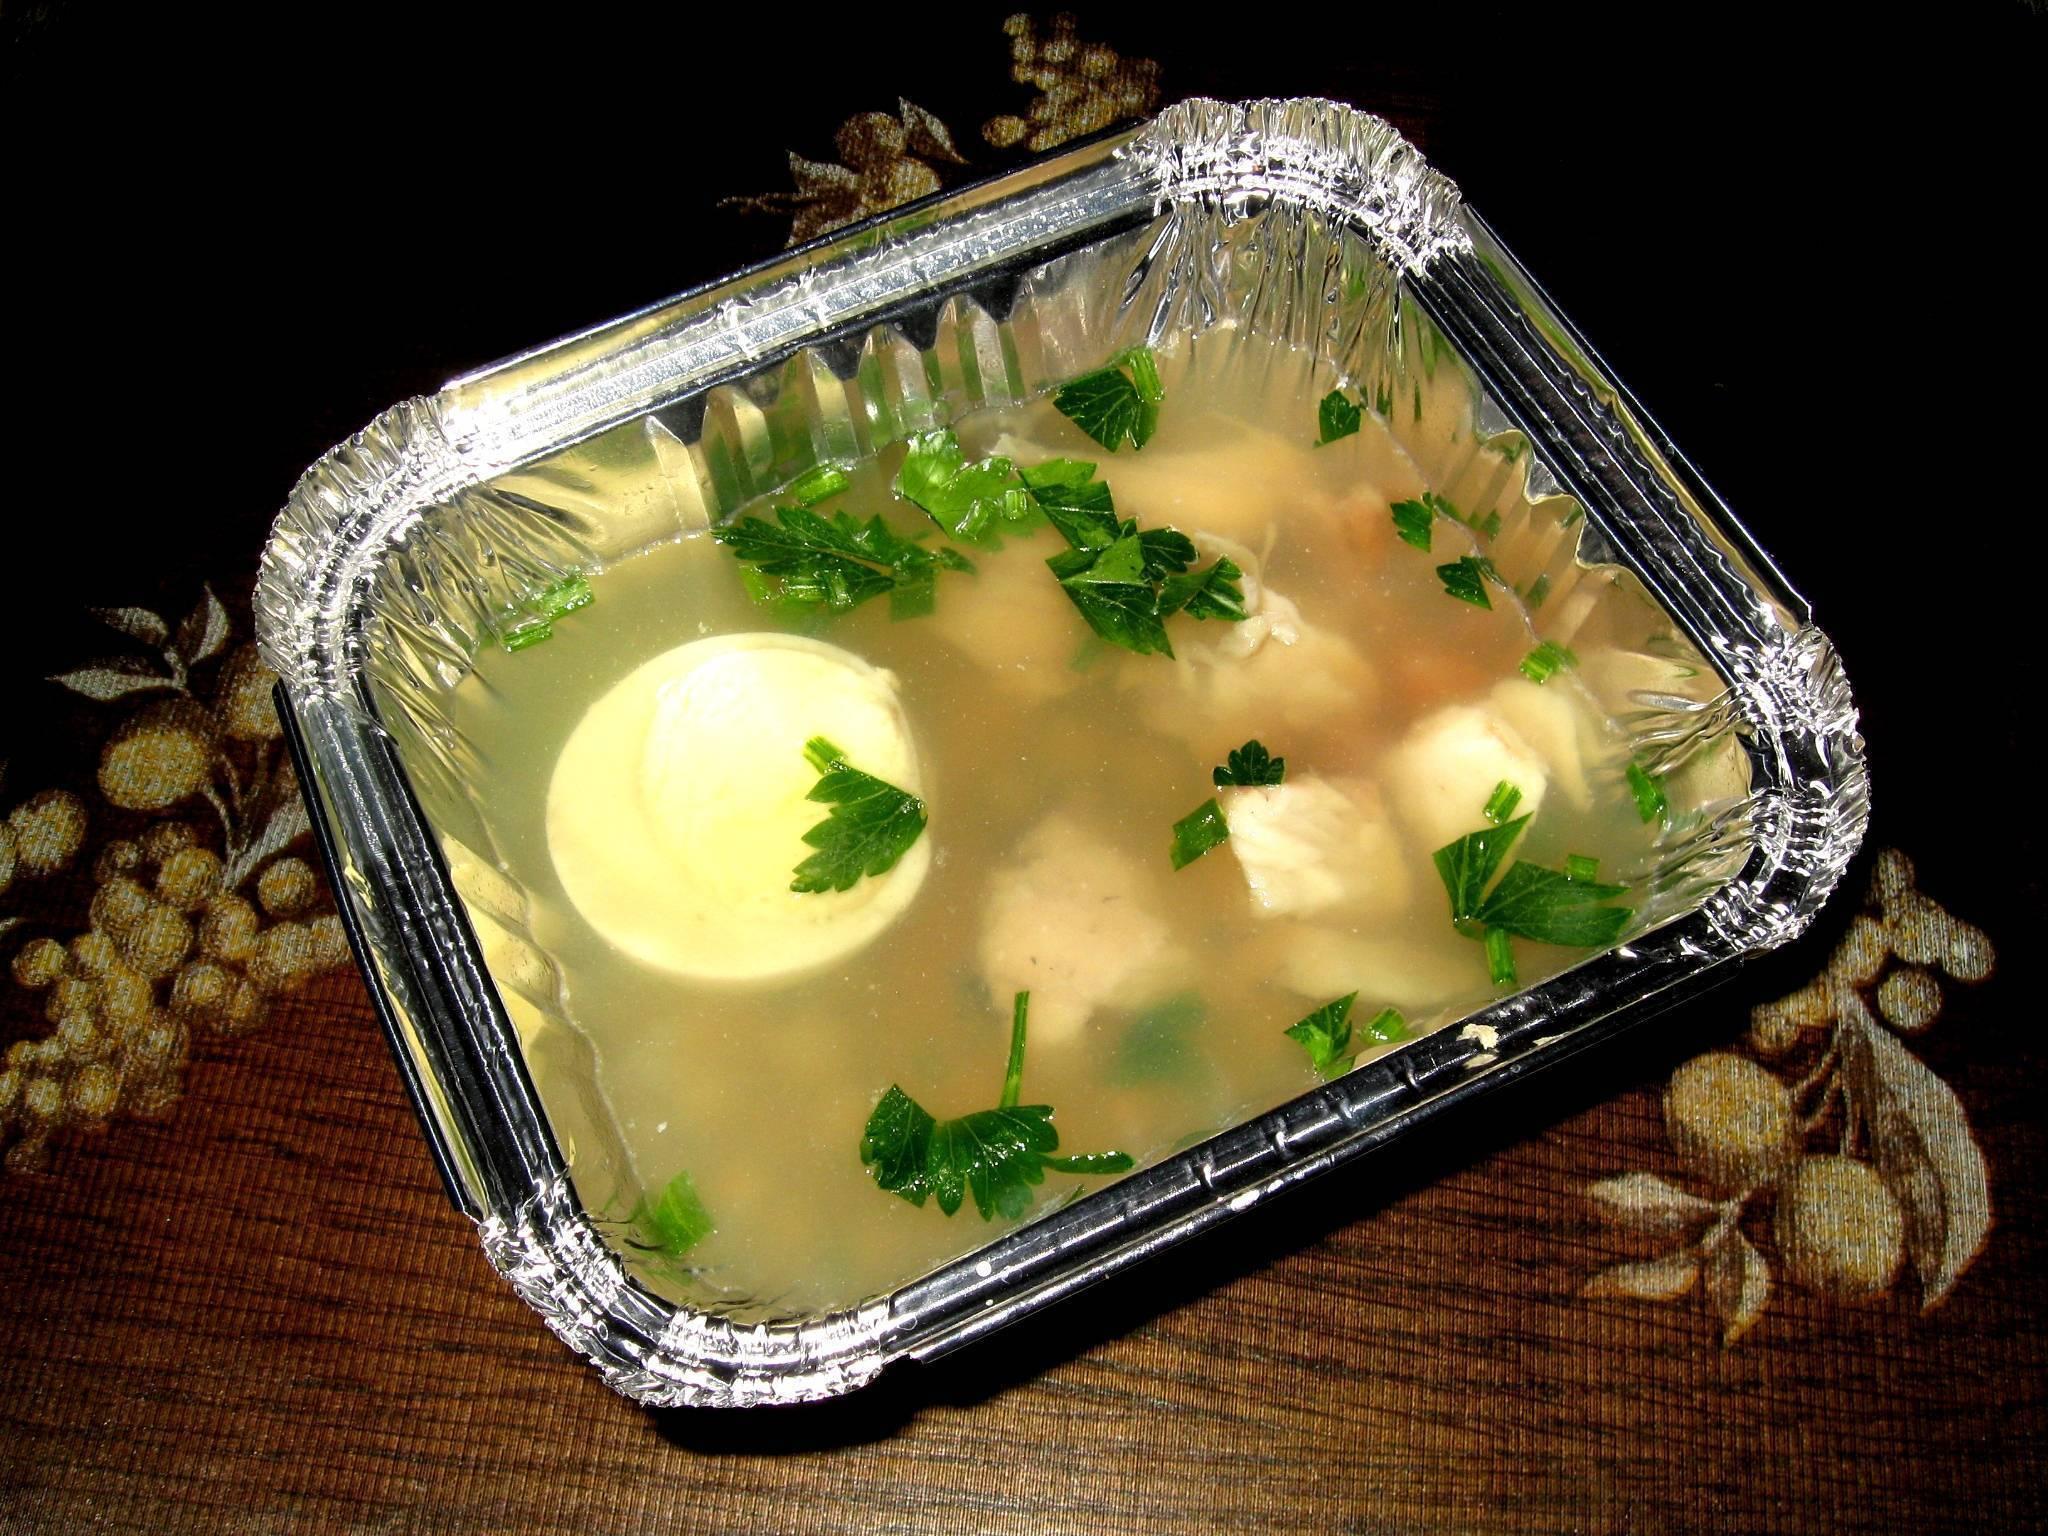 Заливное из щуки с желатином, заливное с горбушей, пошаговый рецепт заливного из щуки по-сибирски (без желатина)